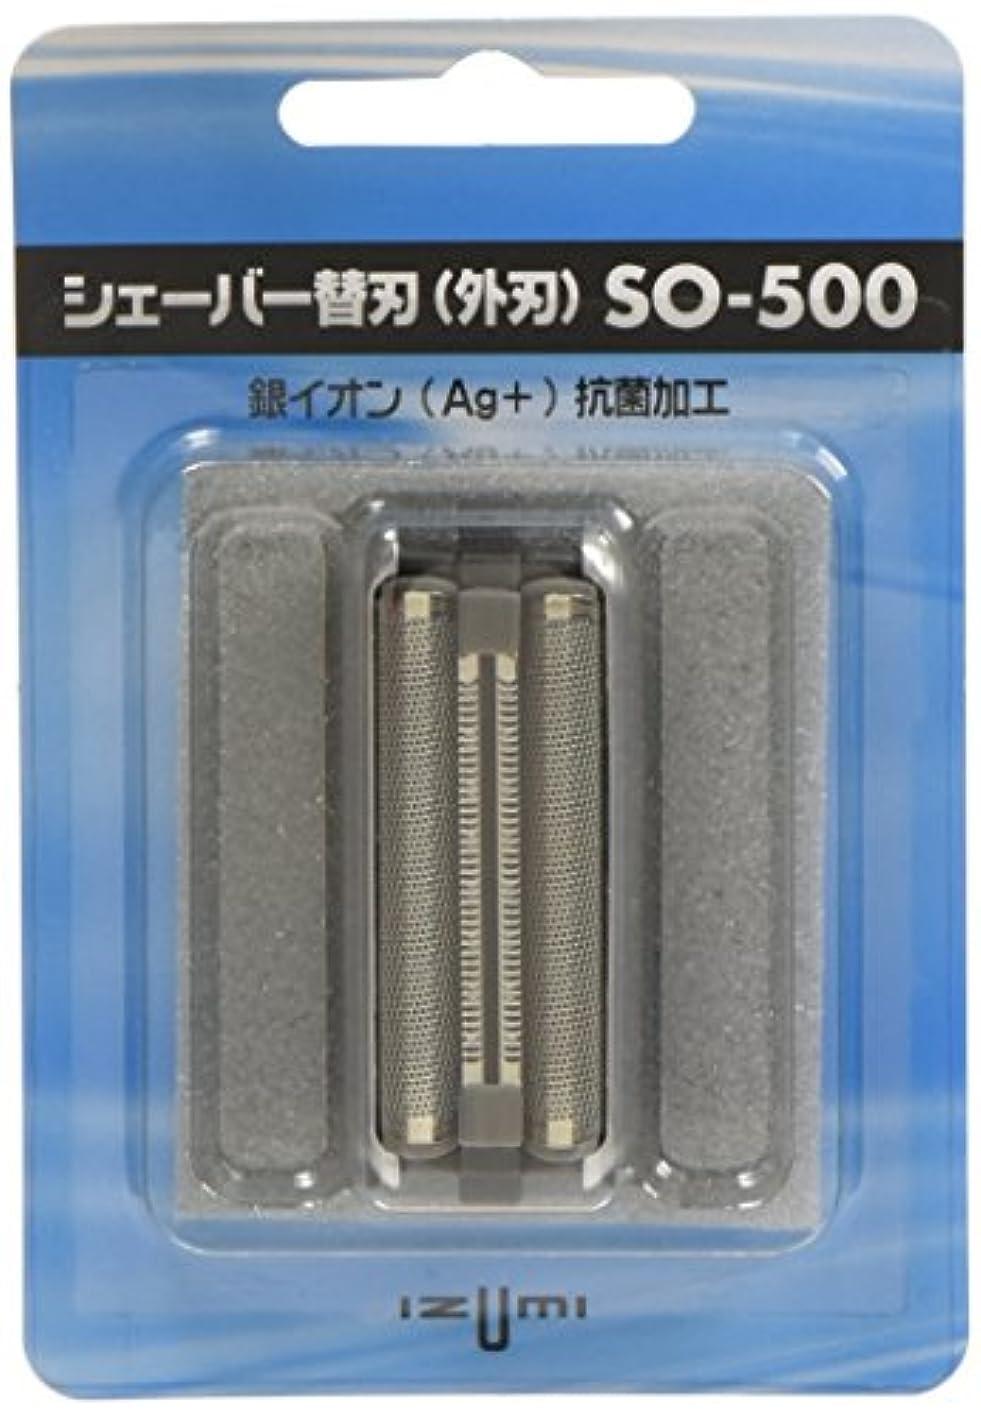 アーティファクト命令シンクIZUMI(泉精器製作所) 往復式シェーバー用外刃 替刃 SO-500